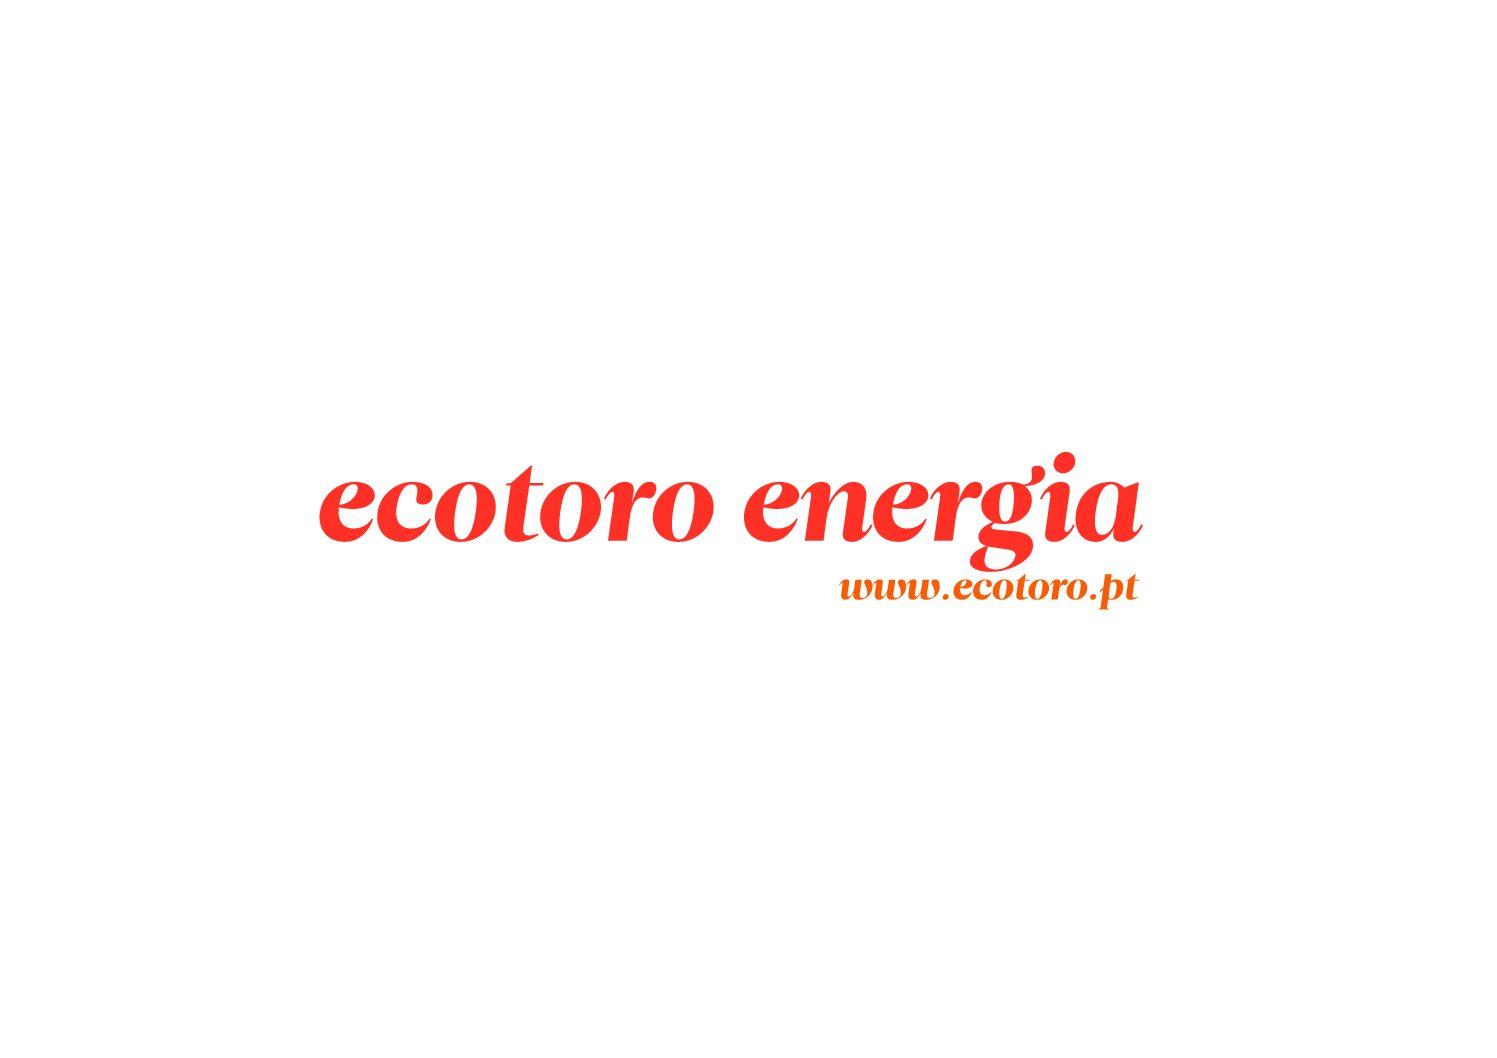 Ecotoro